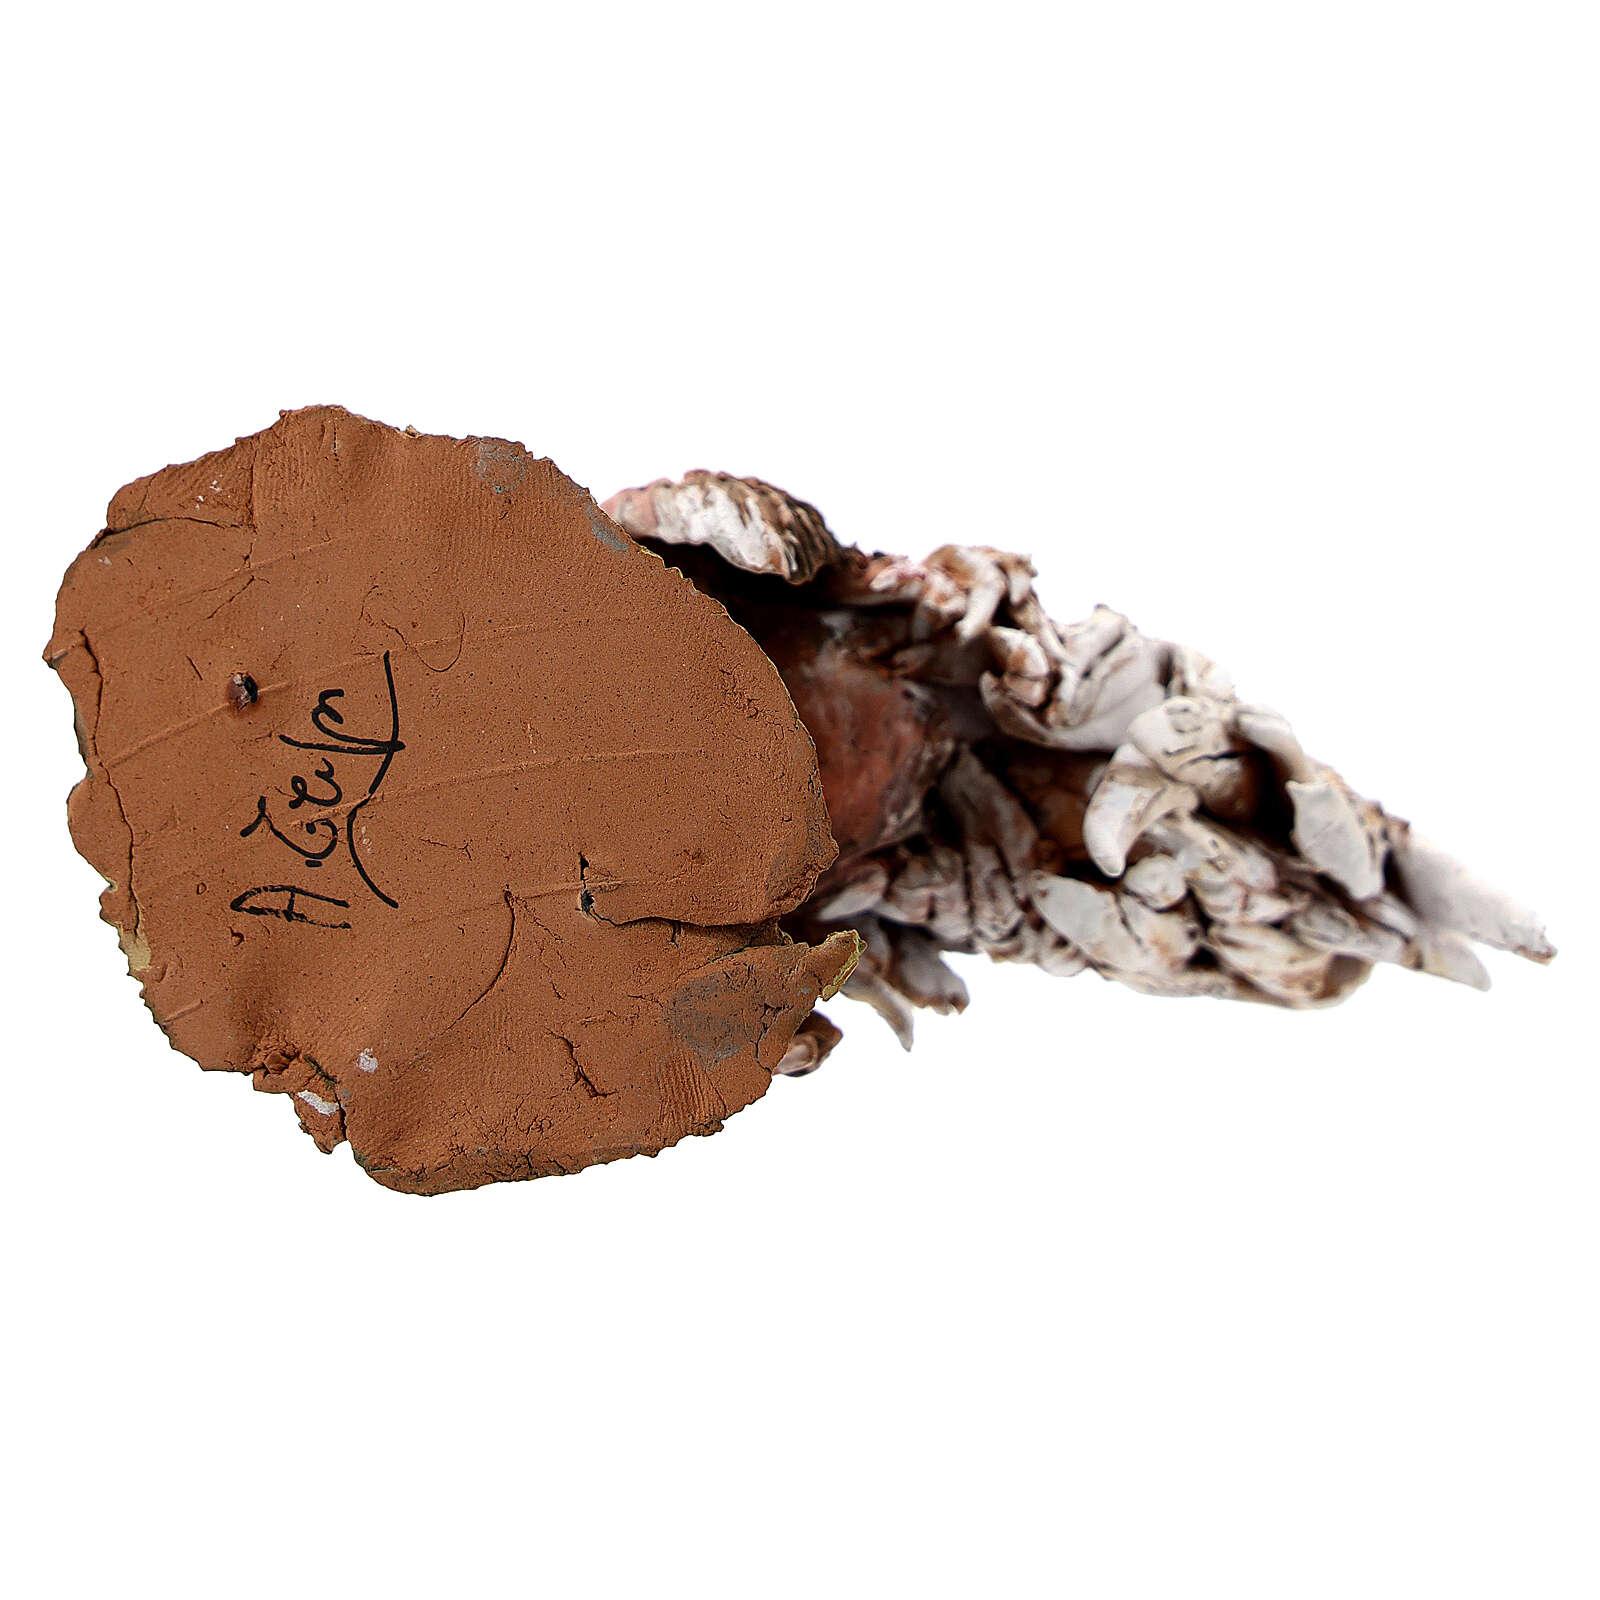 Coq en terre cuite crèche 30 cm Angela Tripi 4